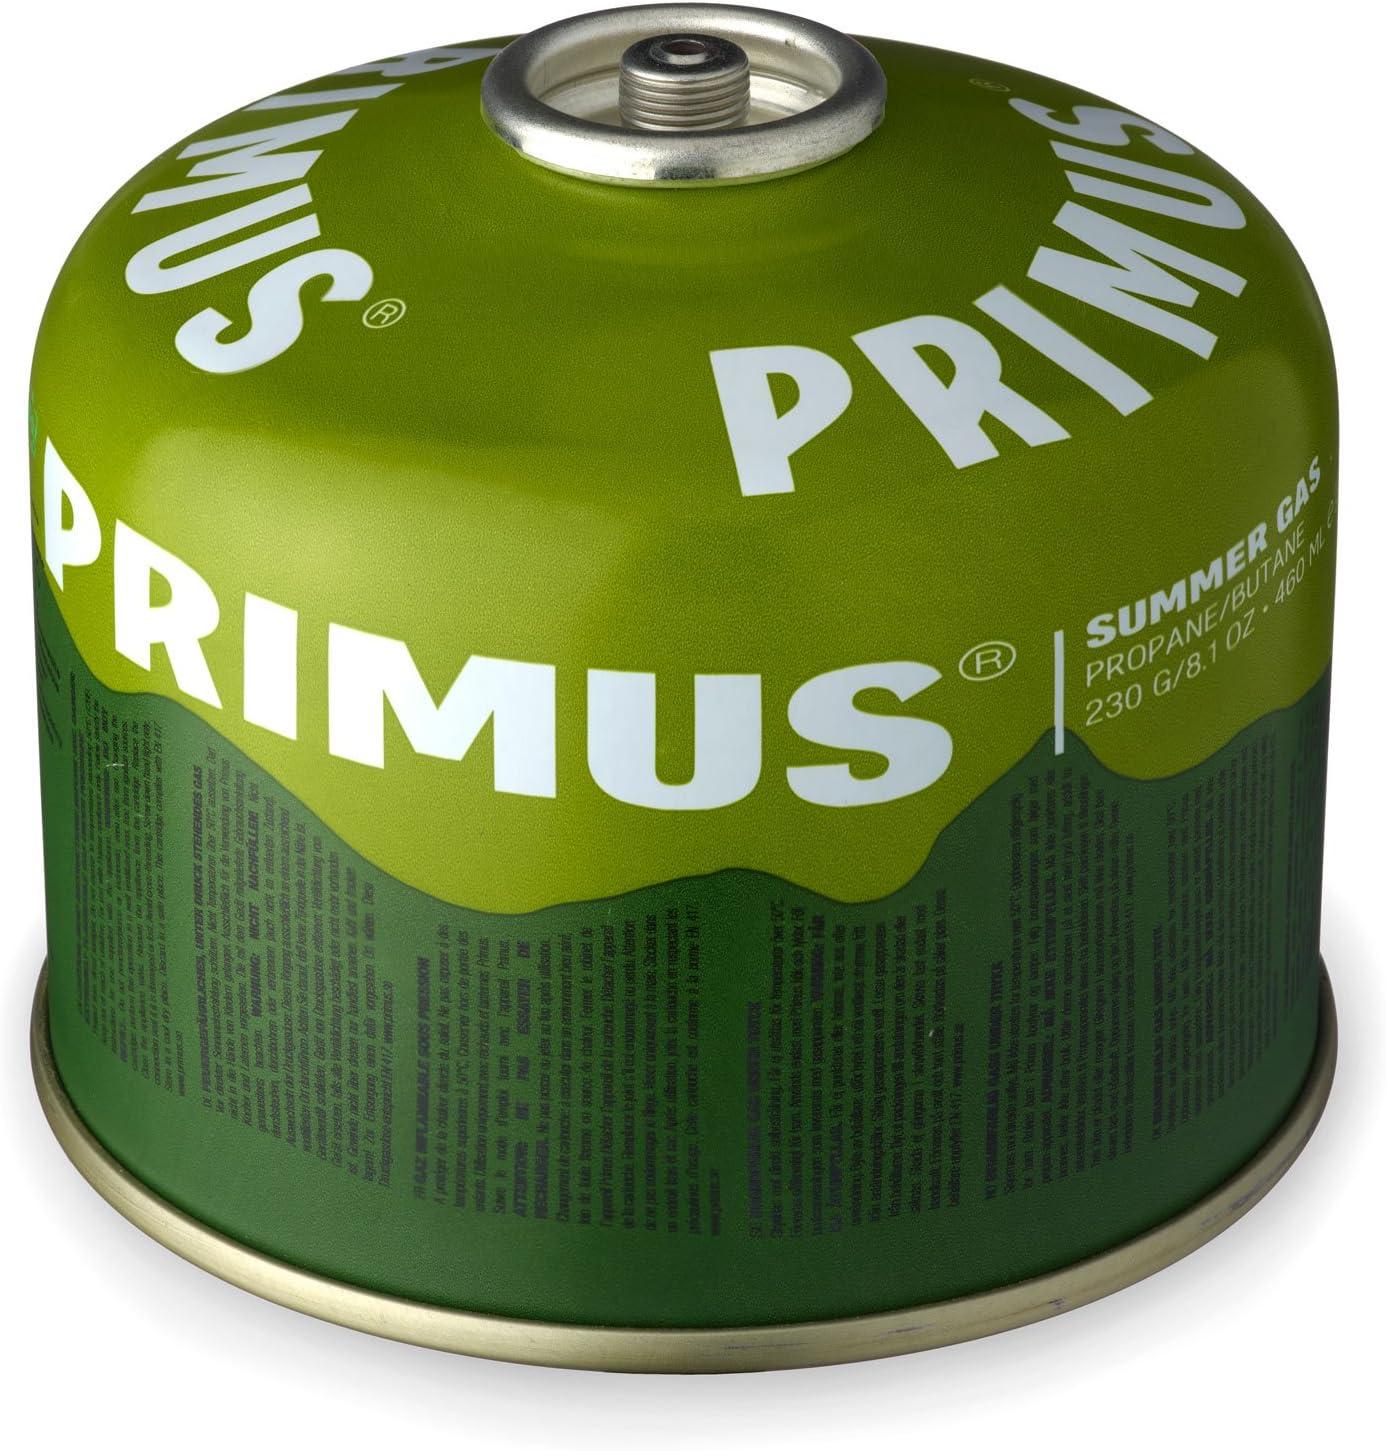 Primus Summergas Cartucho de Gas, Unisex Adulto